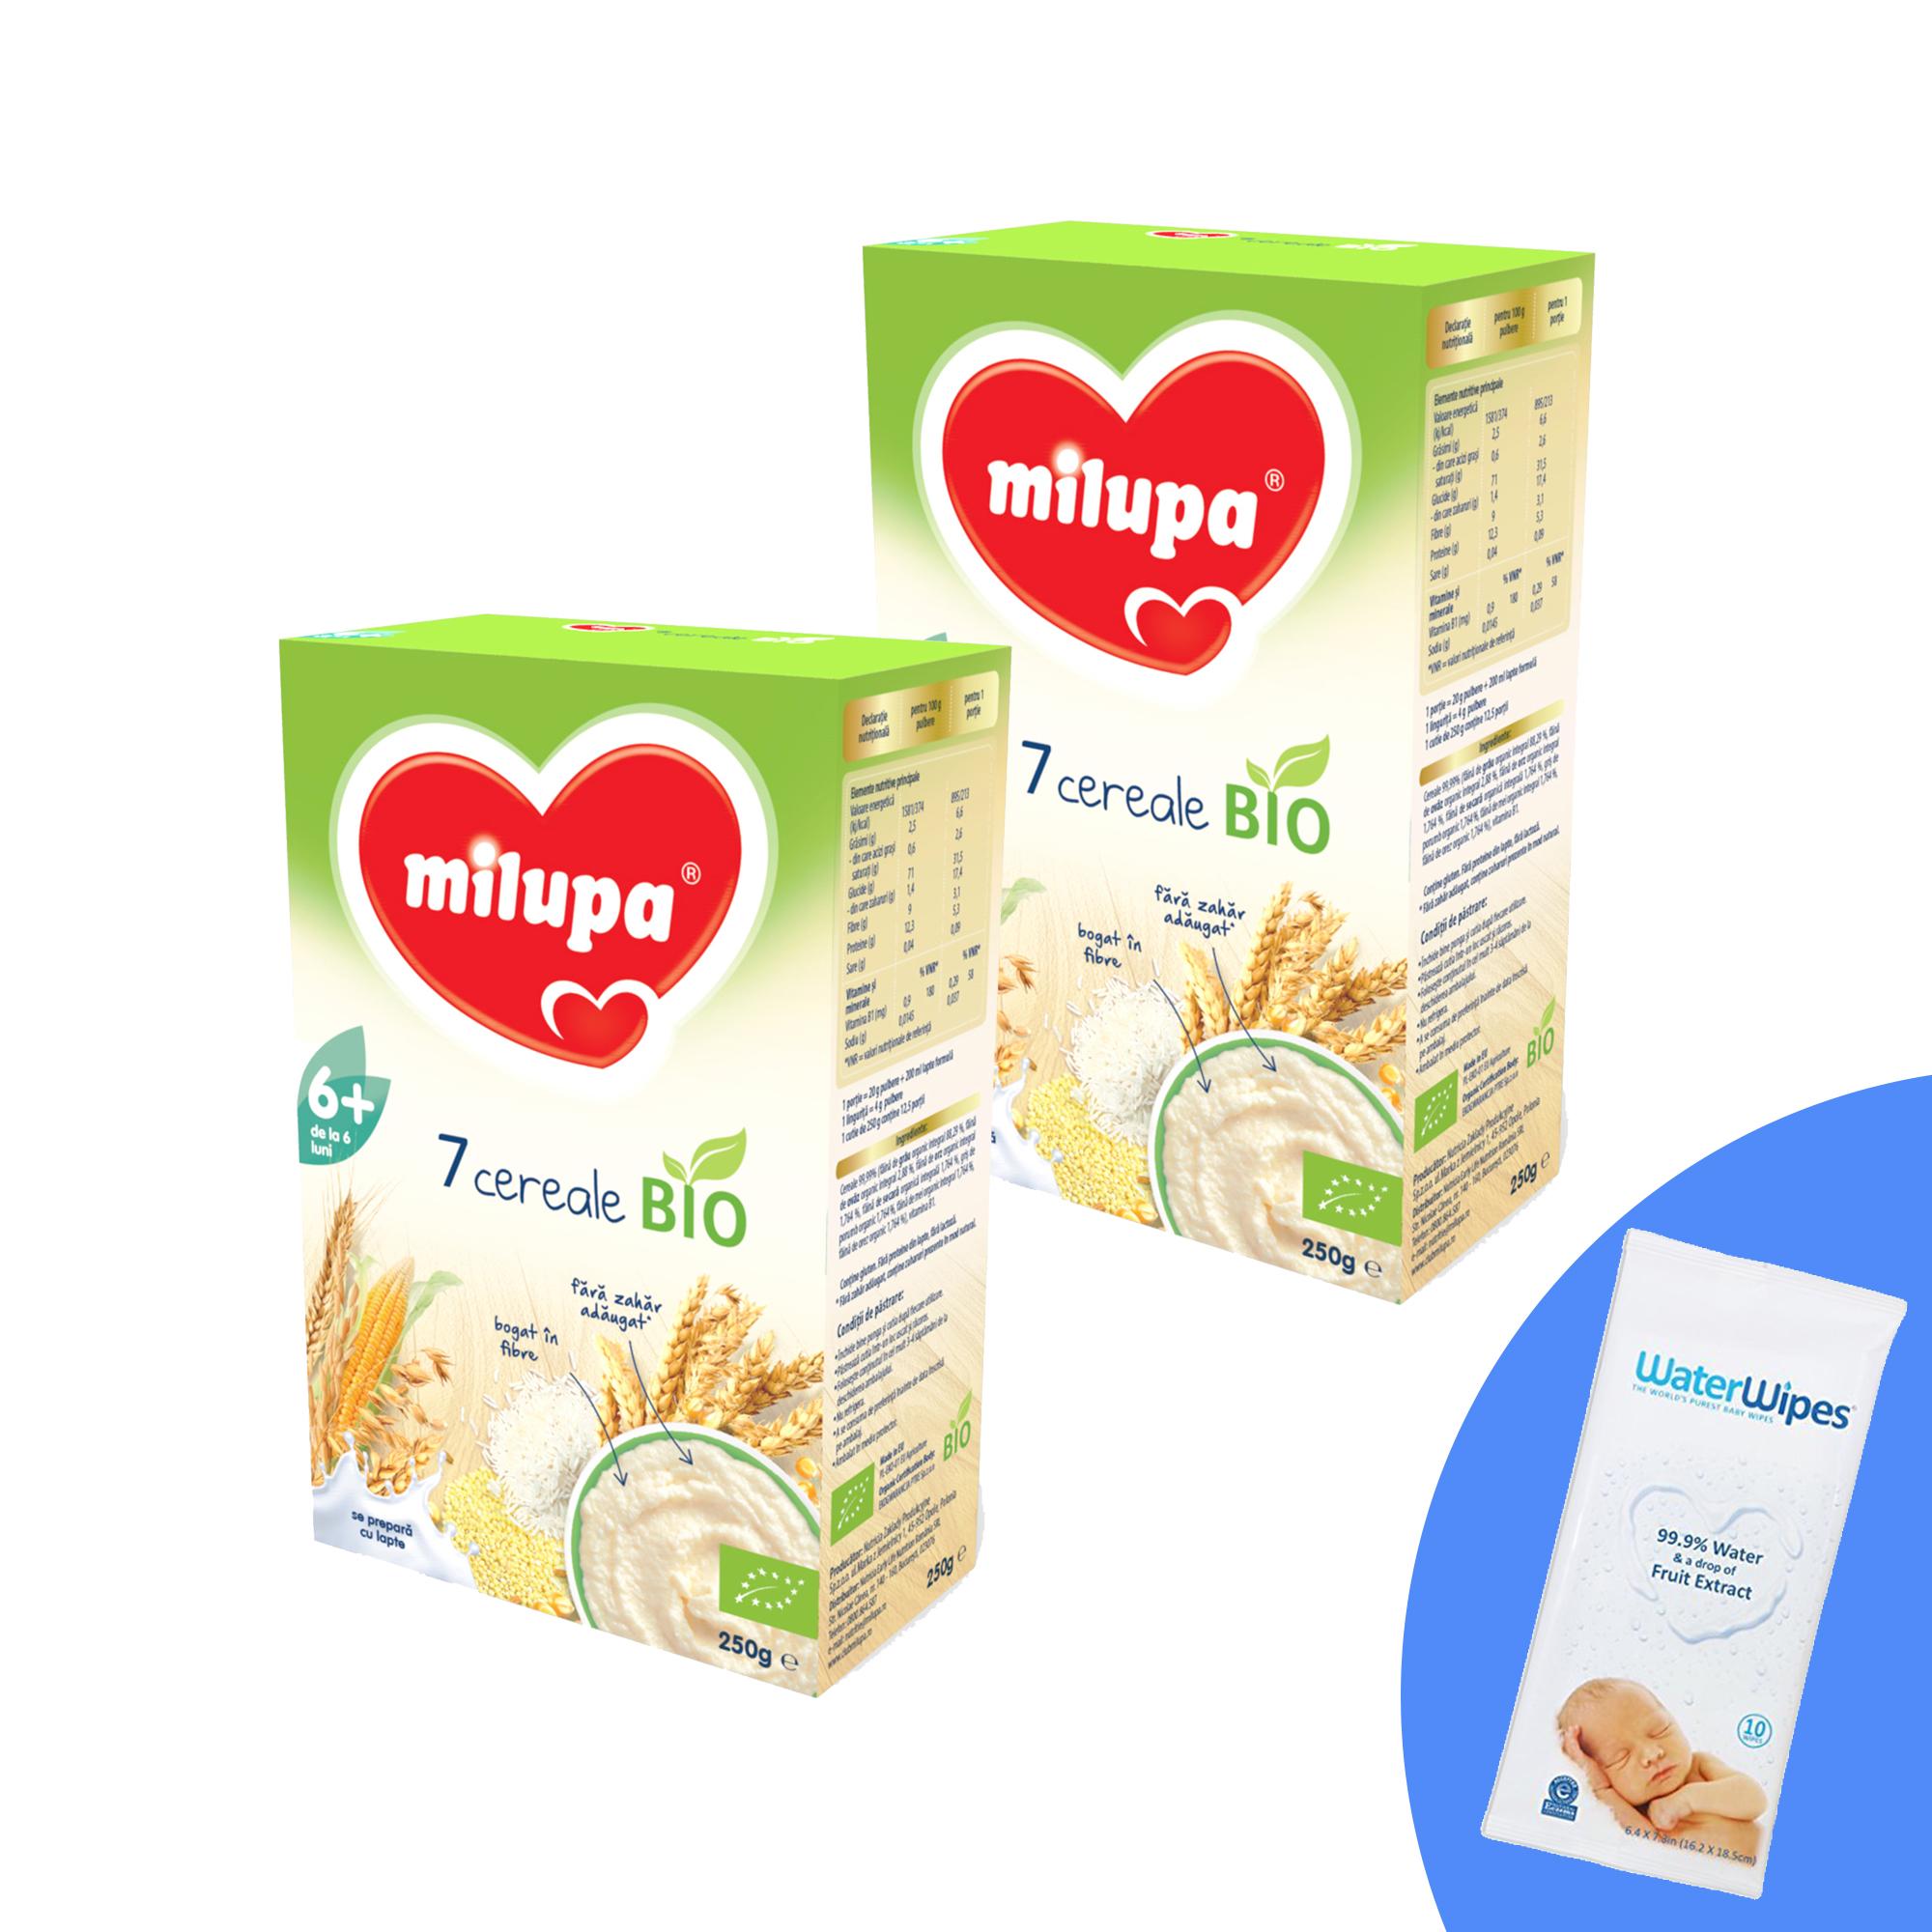 Pachet 2 buc x Cereale BIO fara lapte Milupa, 7 Cereale, 250g, 6luni+ si 1 x Servetele umede pentru bebelusi, WaterWipes, 10 buc